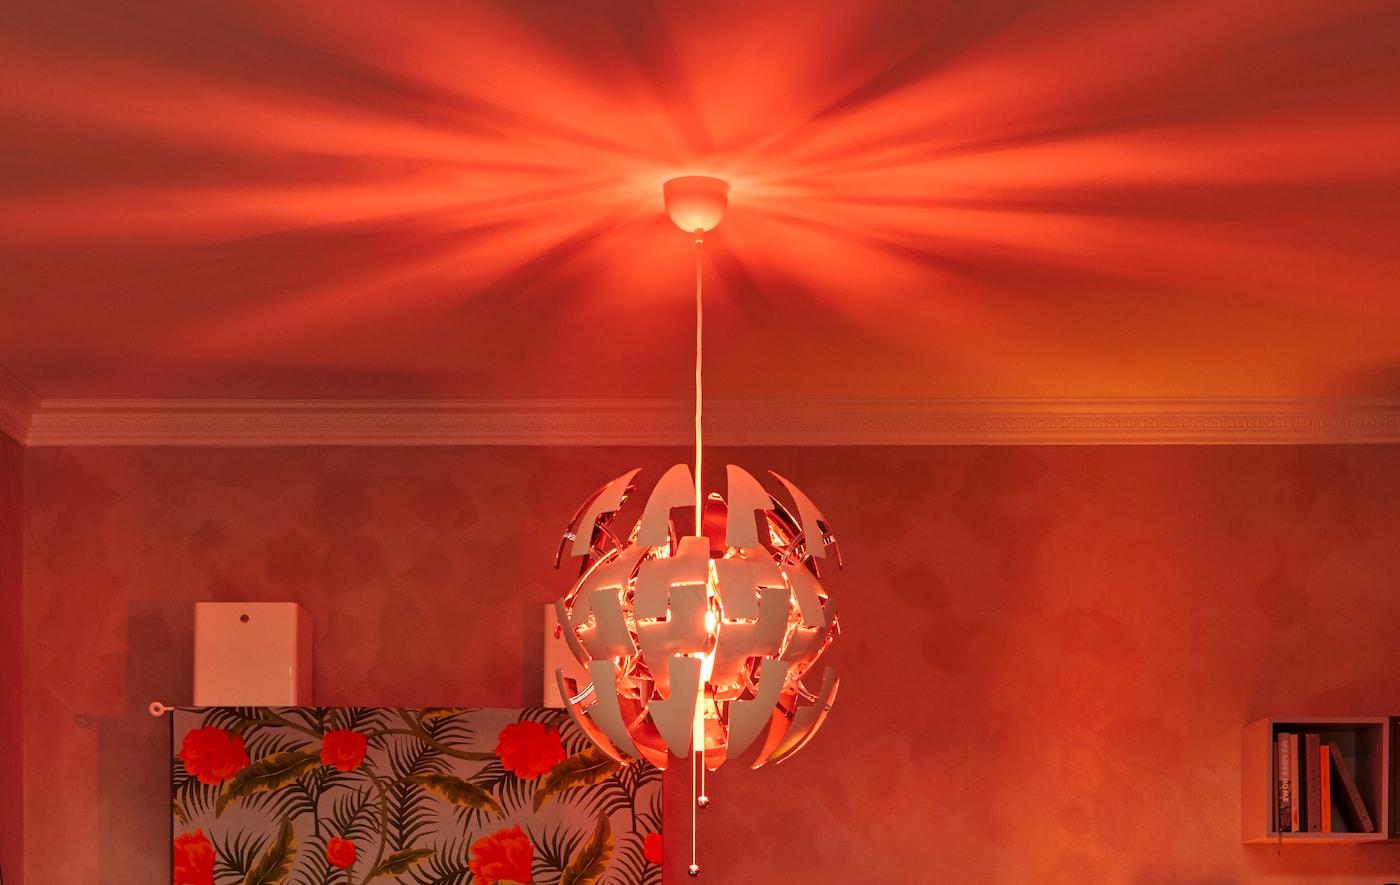 Soffitto di un soggiorno con lampada a sospensione IKEA PS che diffonde sul soffitto una luce rossa in stile discoteca